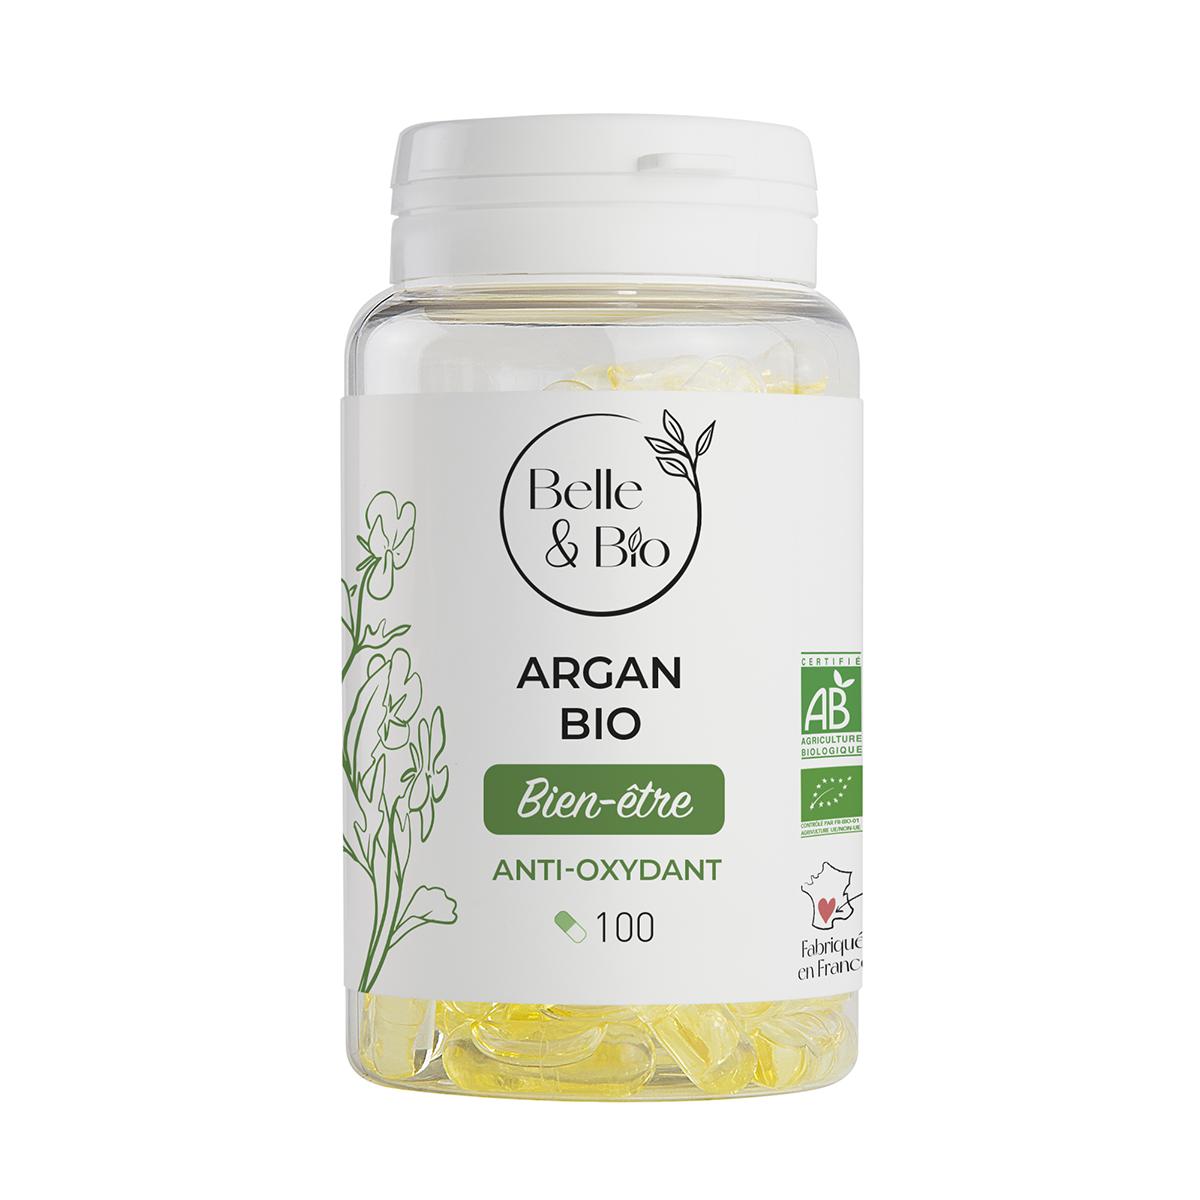 Belle & Bio - Argan Bio - 100 Licaps - Certifié AB par Ecocert